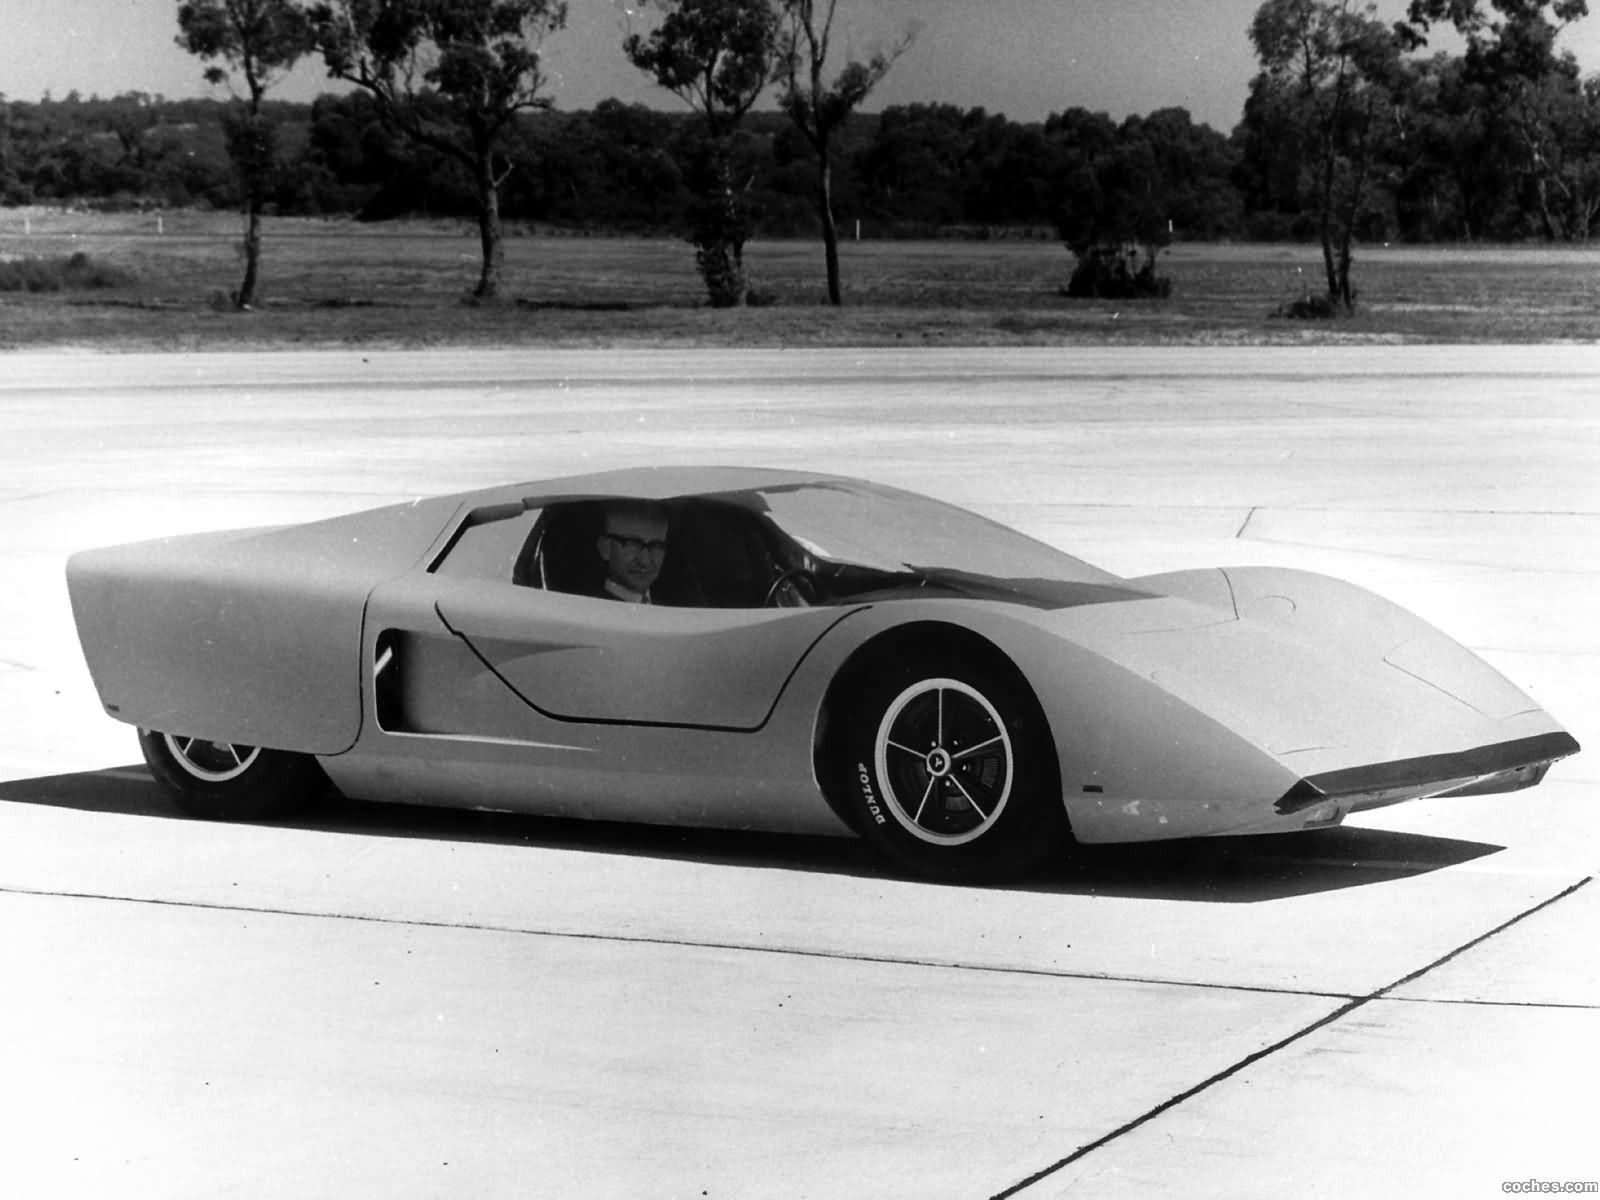 Foto 1 de Holden Hurricane Concept Car 1969